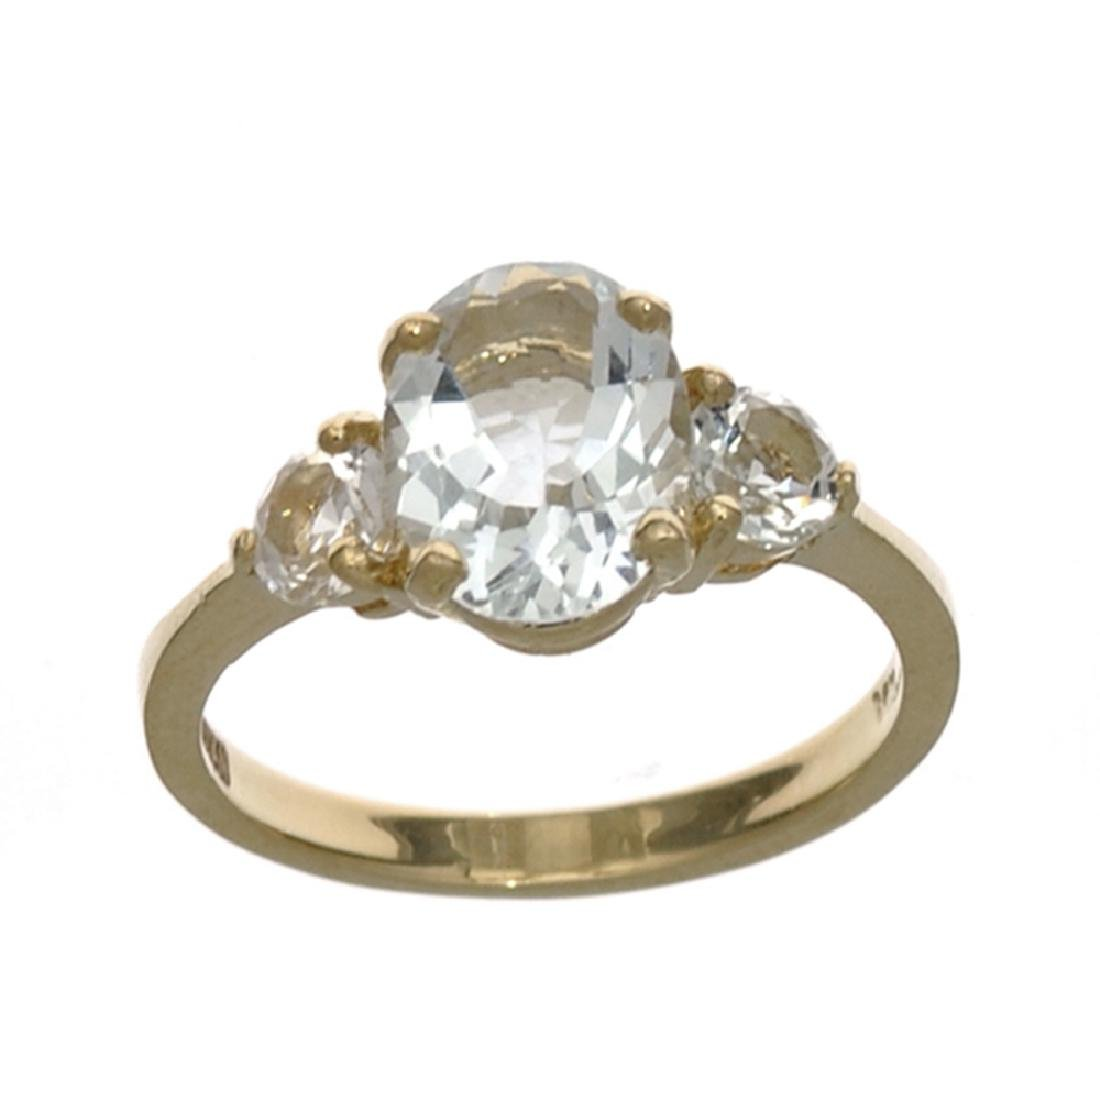 APP: 1.8k Fine Jewelry Designer Sebastian 14KT Gold,